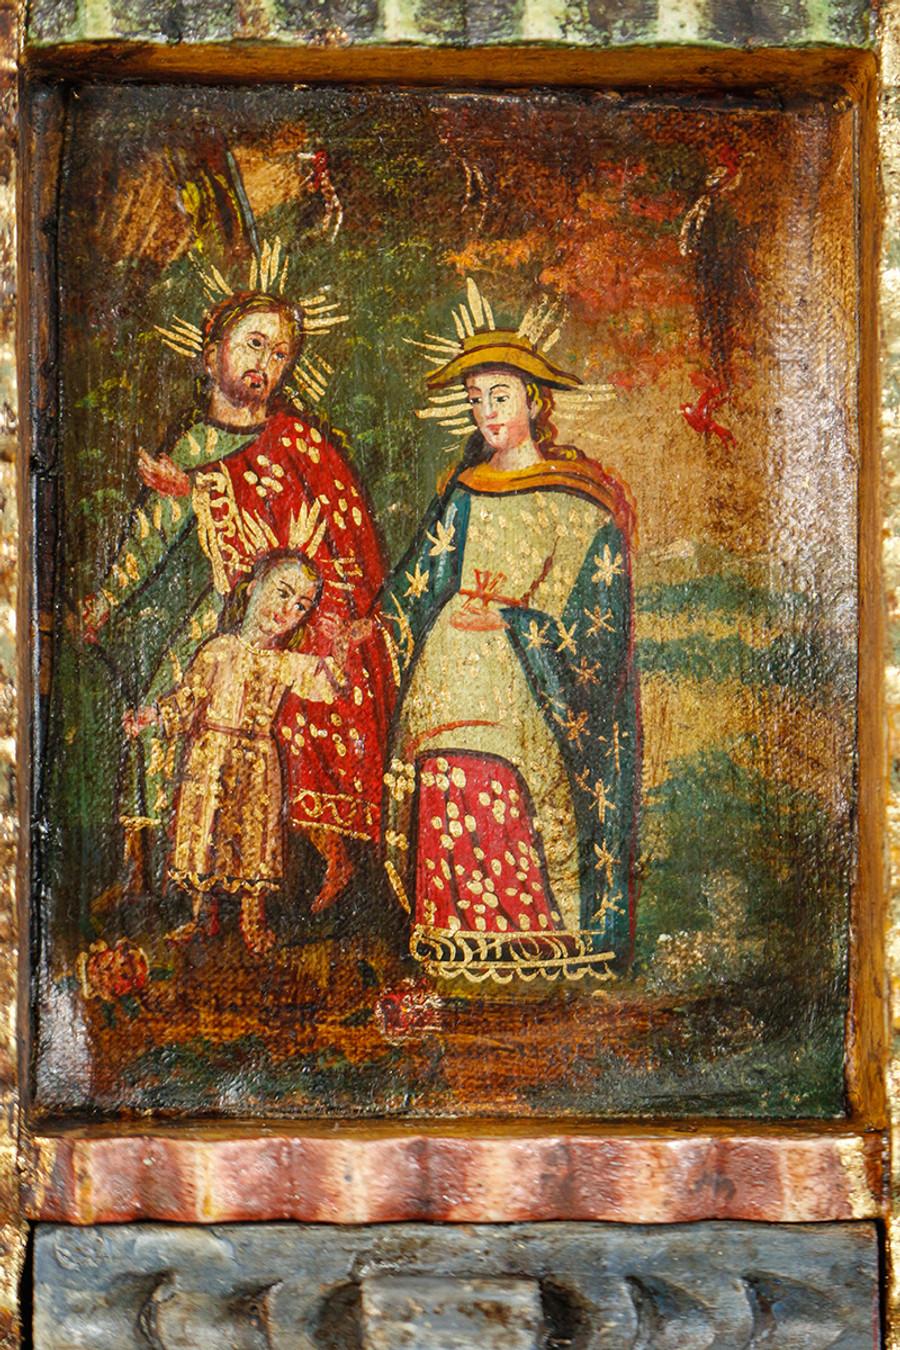 Holy Family Colonial Peru Art Handmade Retablo Handcarved Altarpiece (71-100-04431)